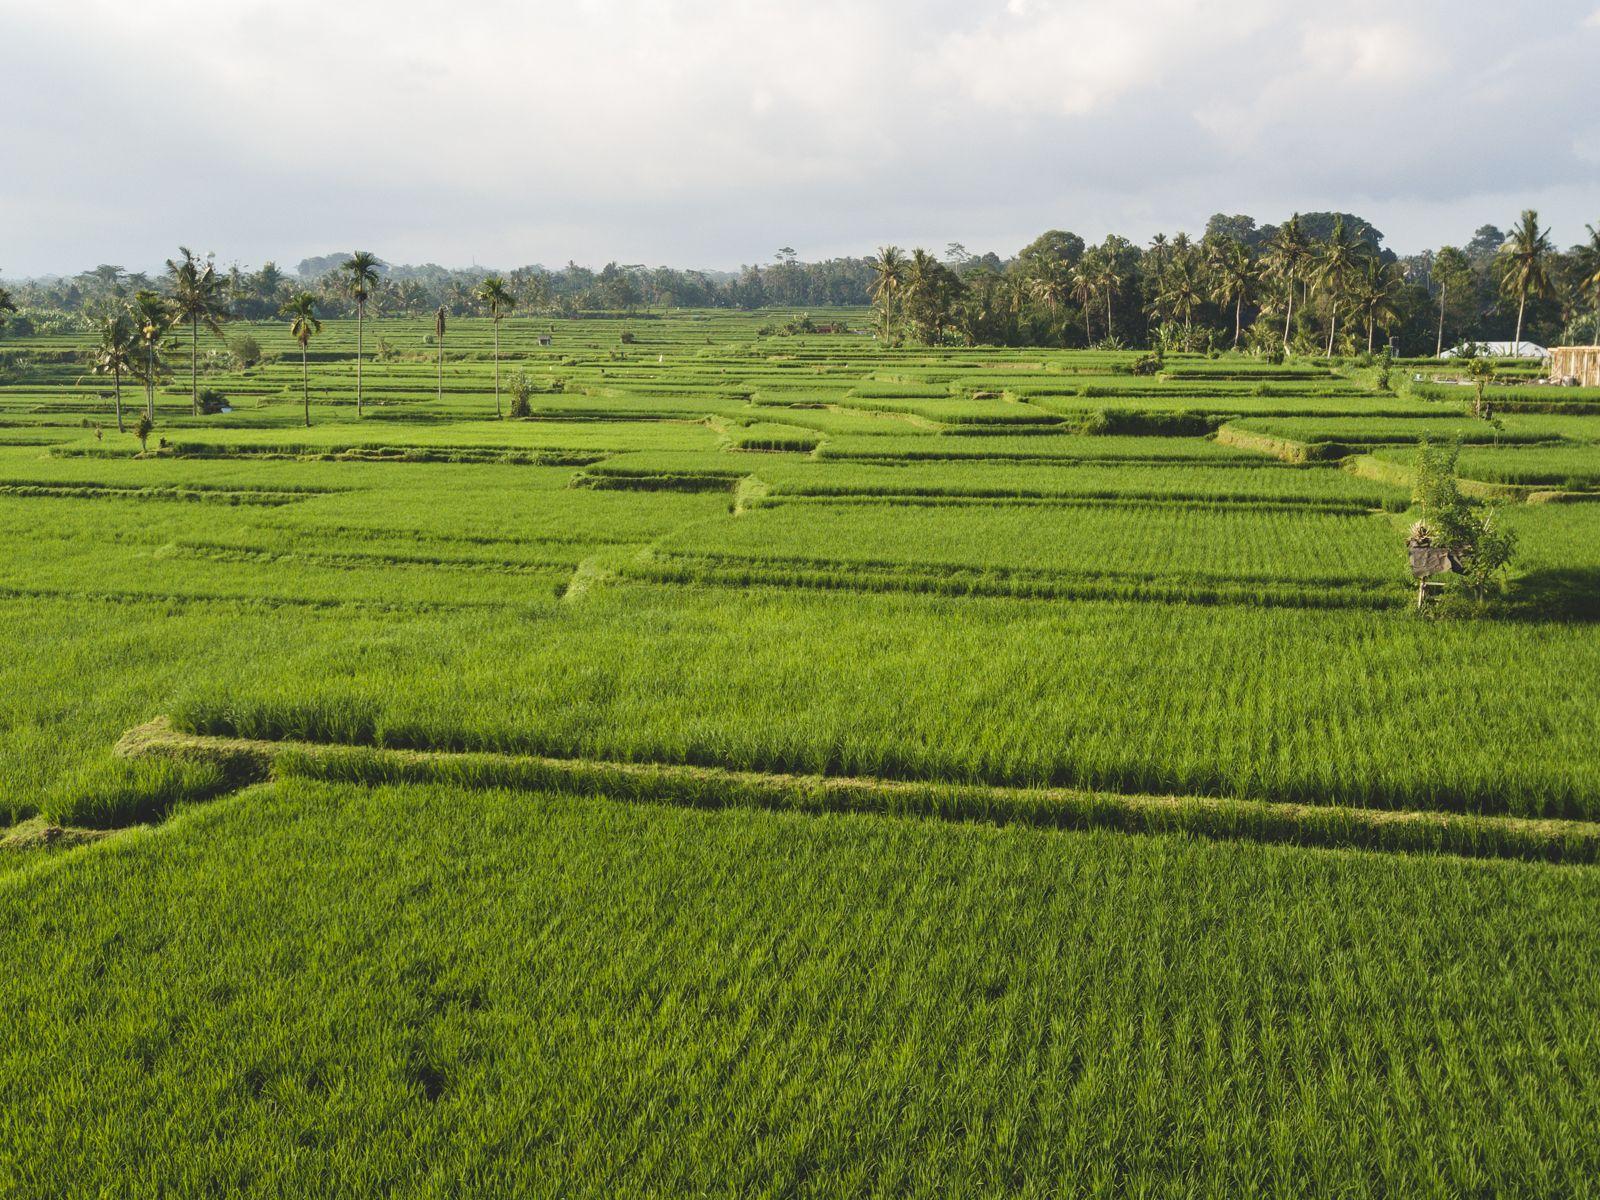 Campo de arroz onde ficava o nosso hotel em Bali